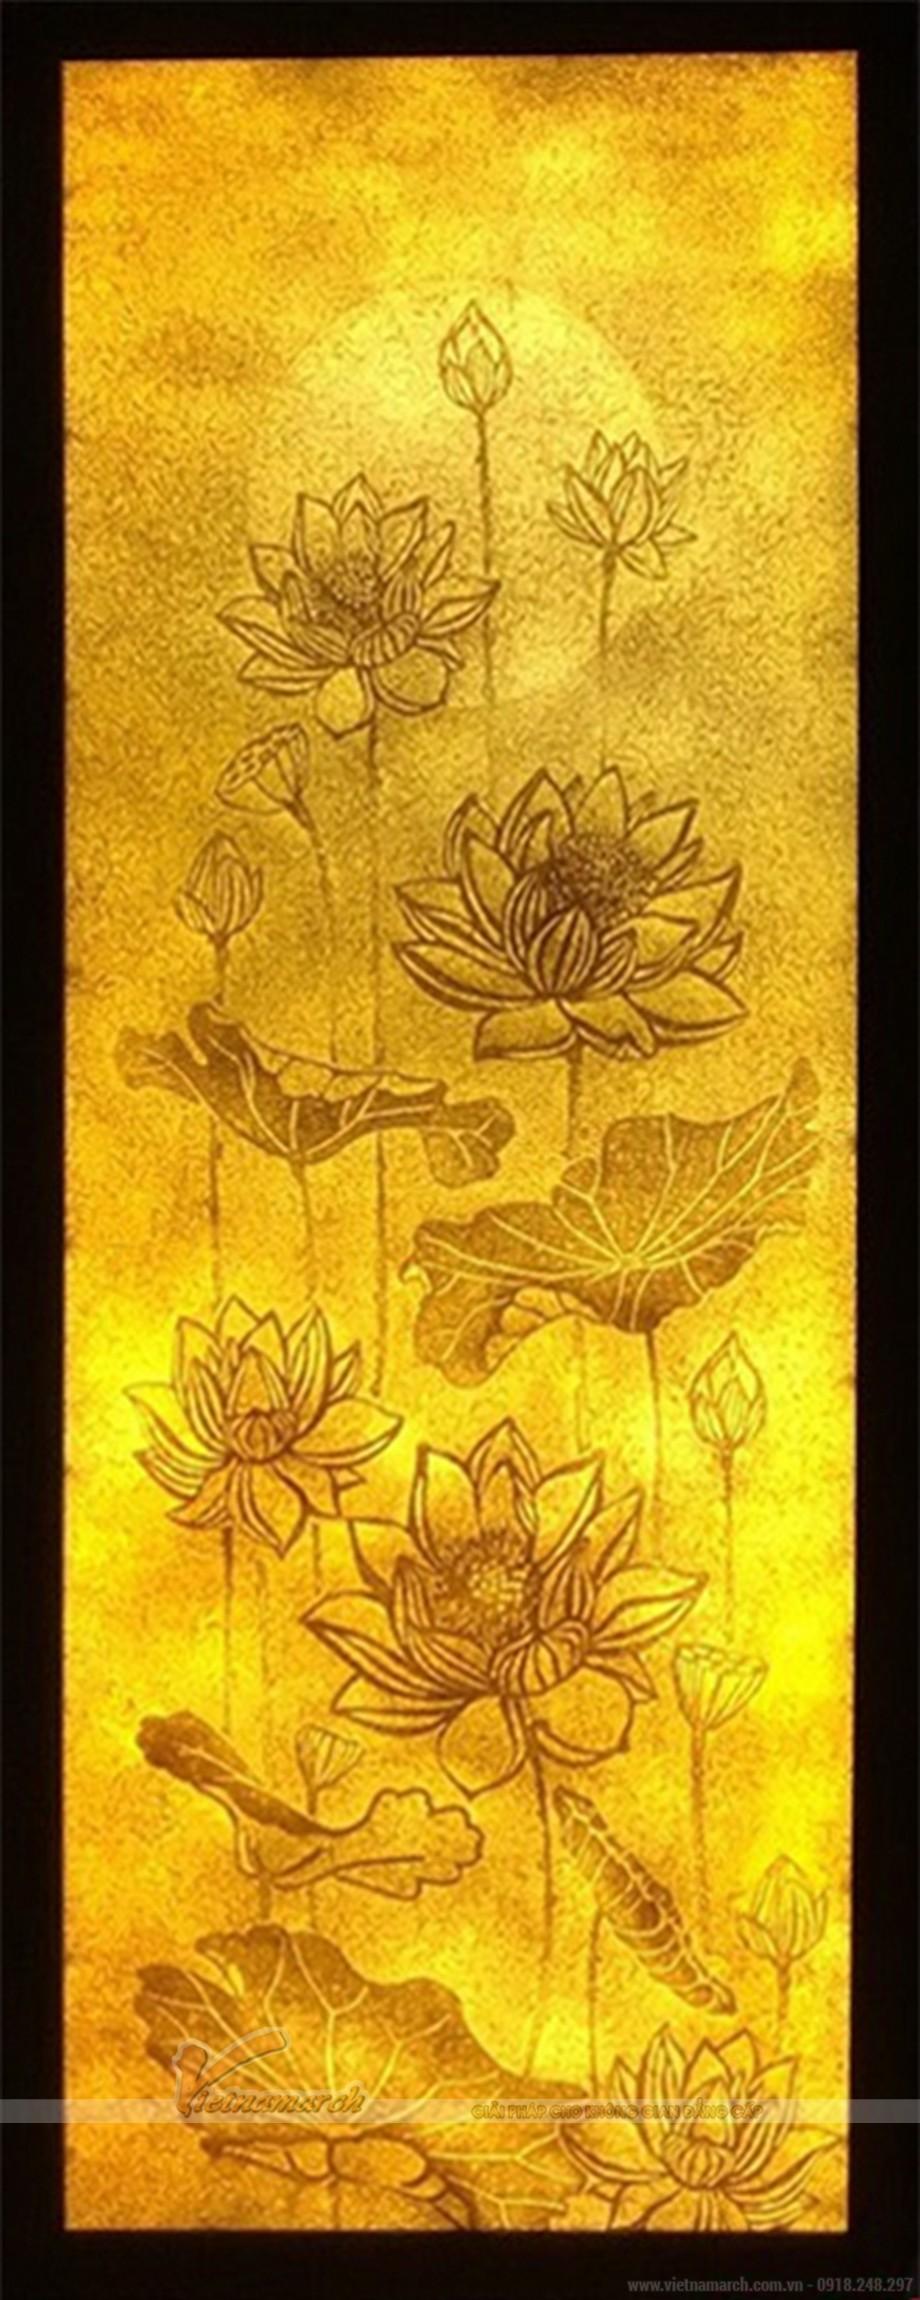 Bộ sưu tập tranh trúc chỉ hoa sen cho không gian phòng thờ